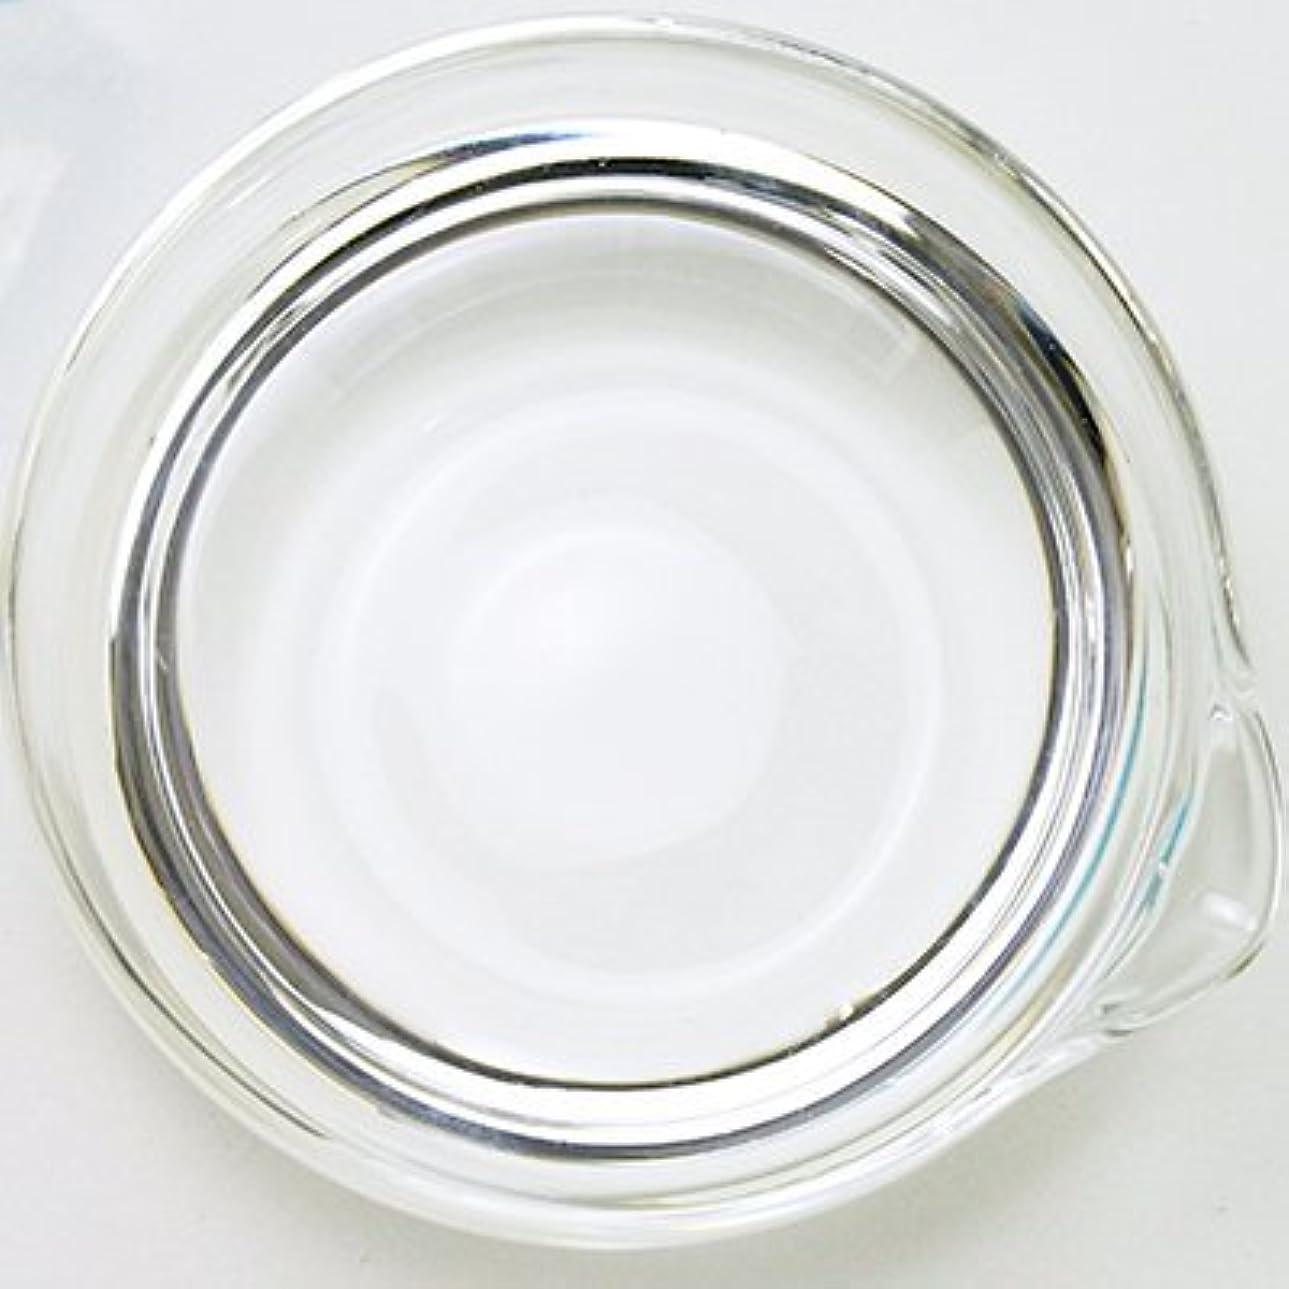 さておきフックプレーヤーホワイトオリーブオイル [吸着精製オリーブオイル] 250ml 【手作り石鹸/手作りコスメ/ピュアオリーブオイル】【birth】